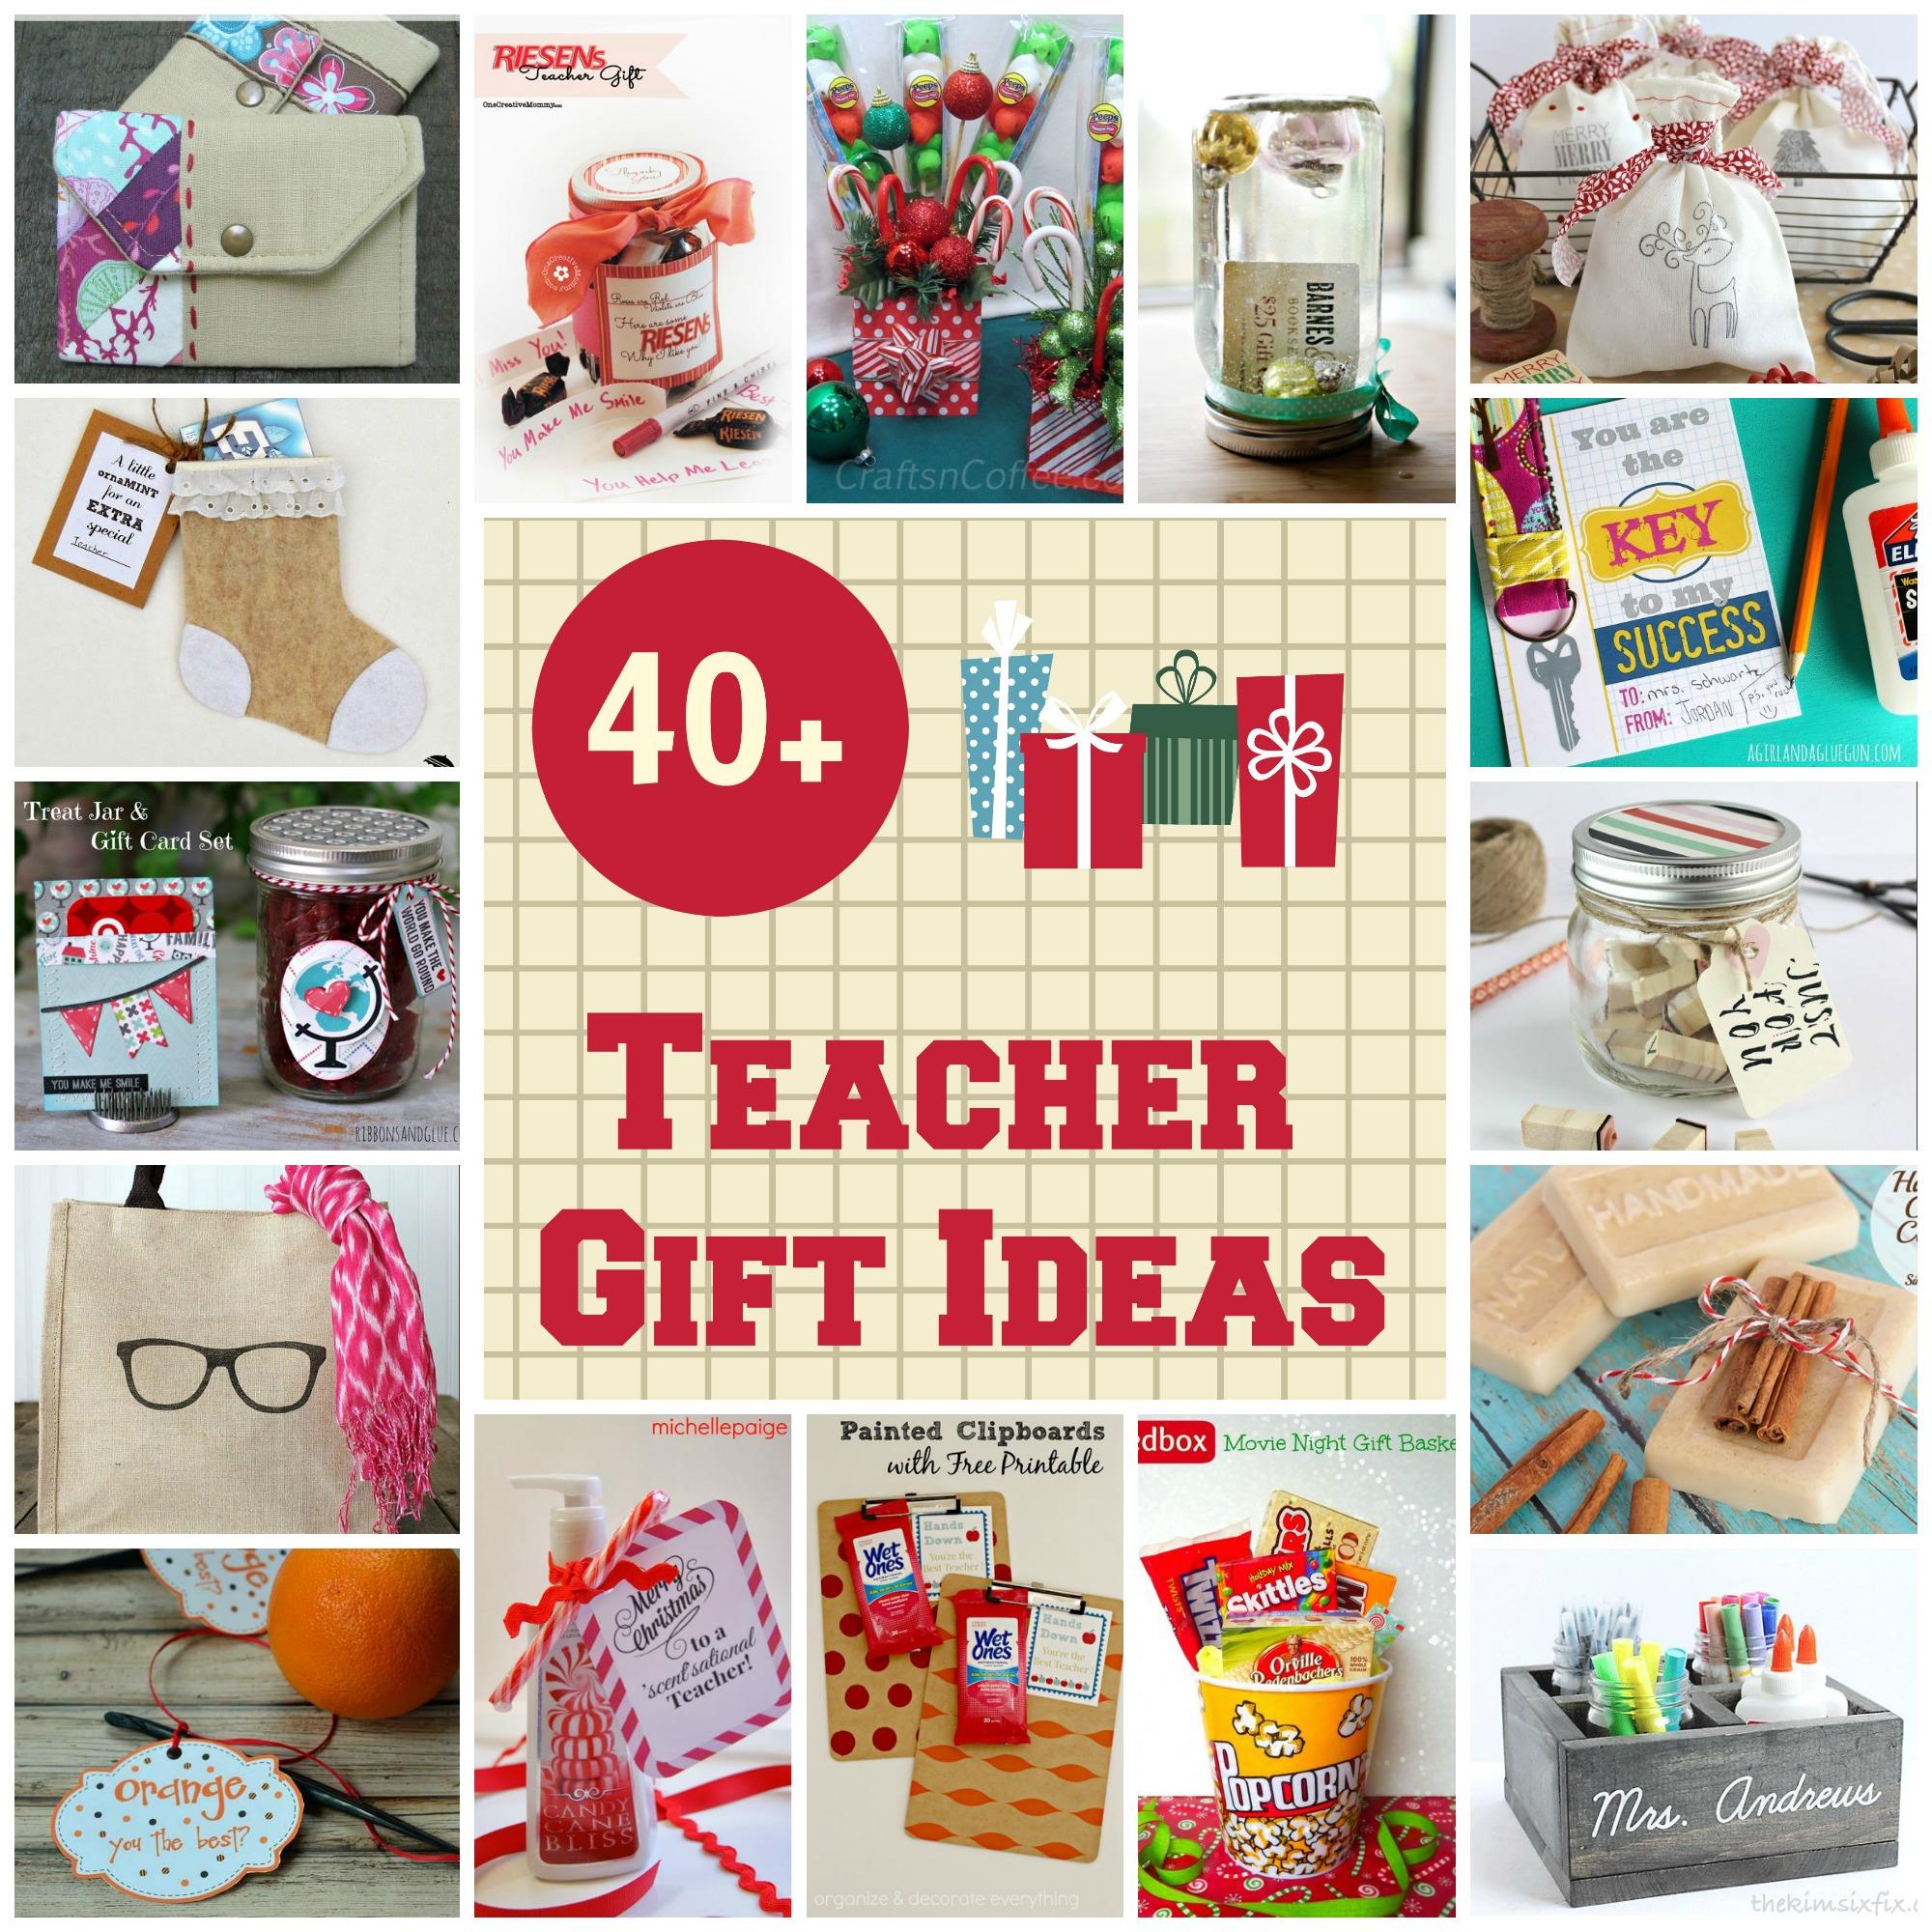 Classroom Birthday Ideas For A Teacher : Christmas gift ideas for teachers organize and